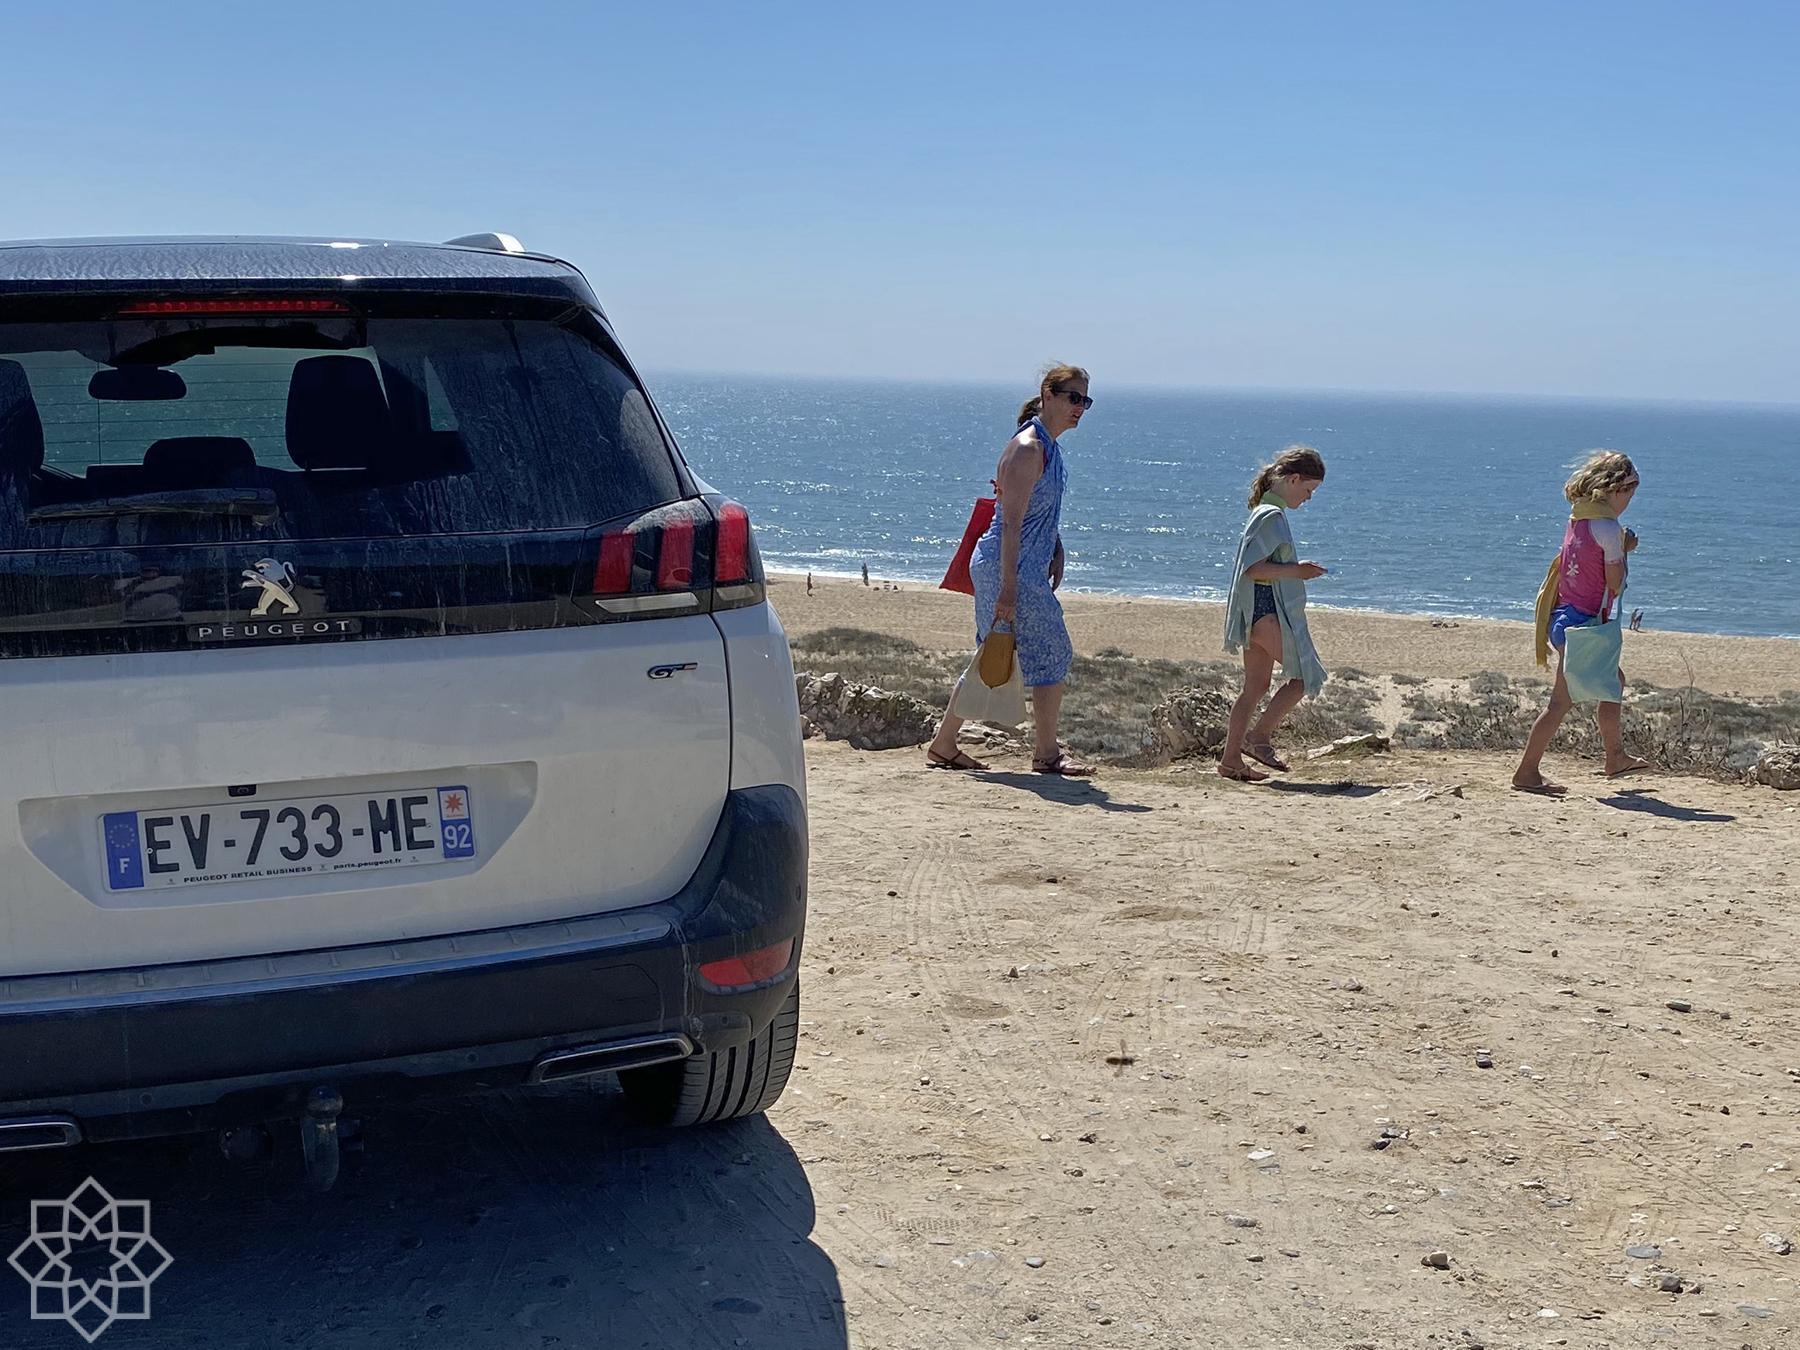 Franskt strandliv på Praia do Norte